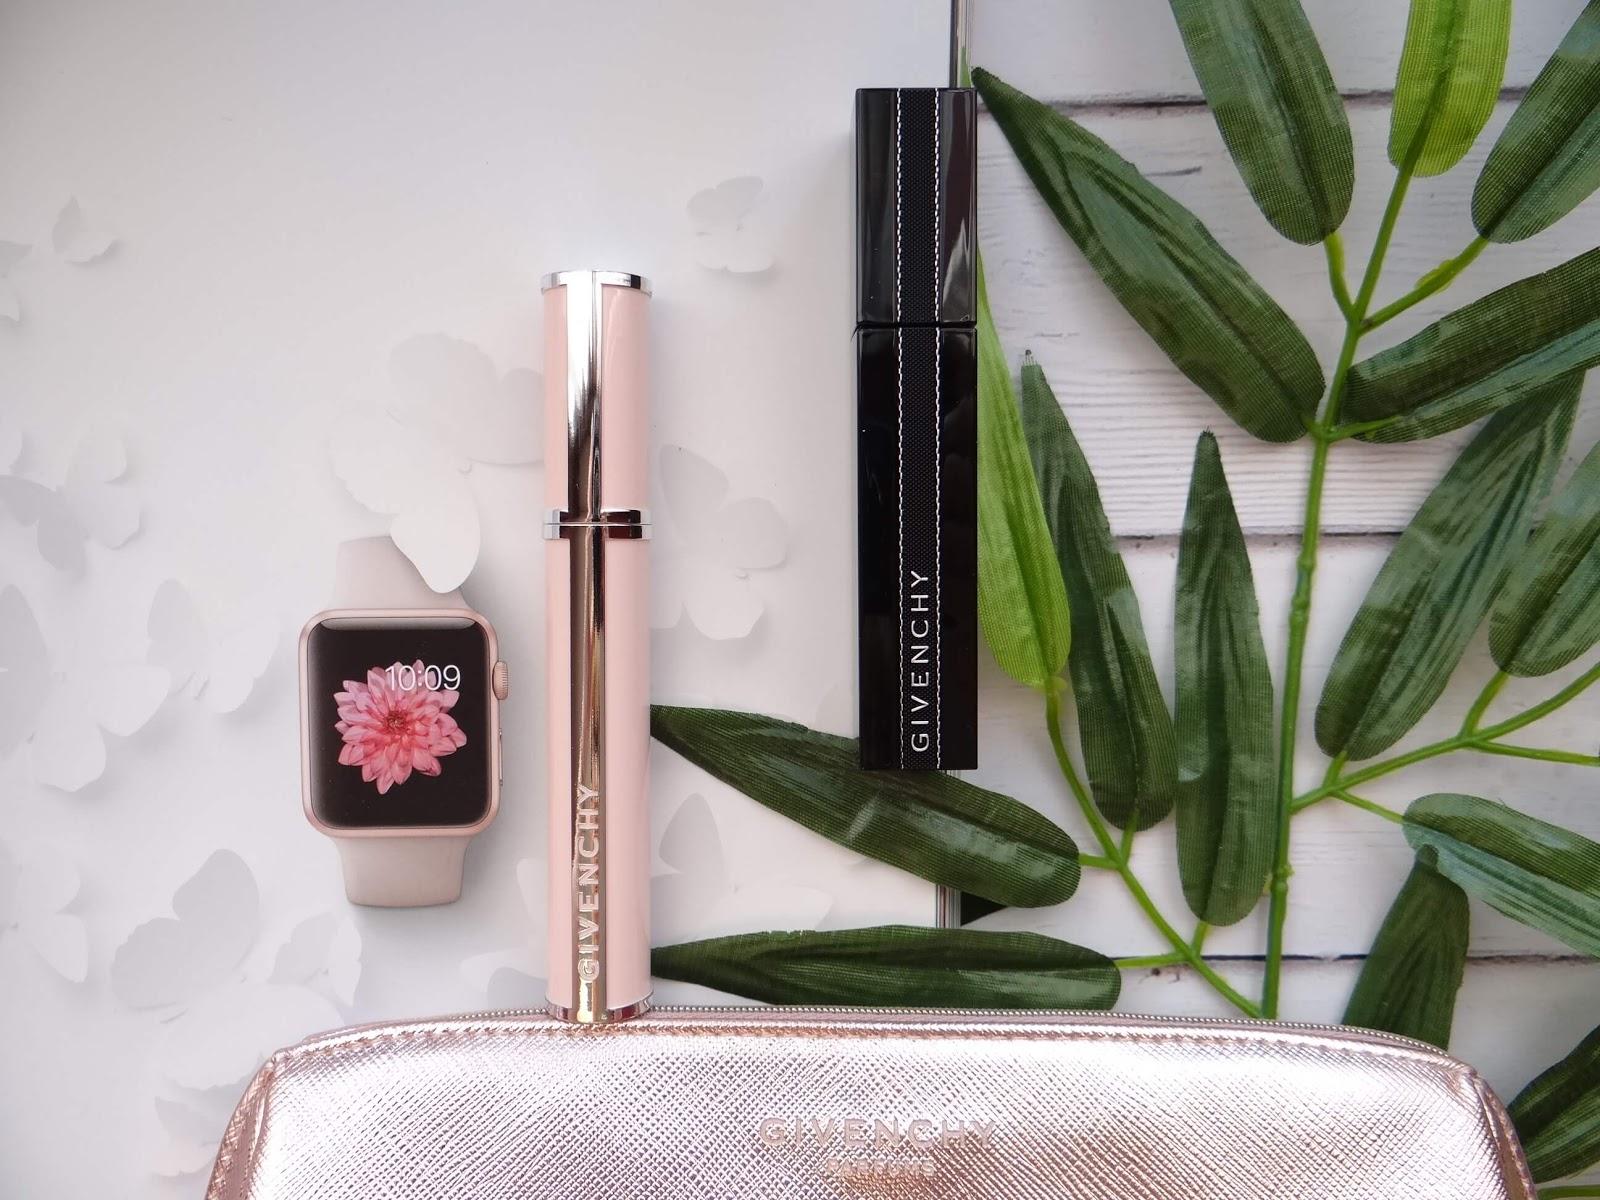 Think Pink! Givenchy Base Mascara Perfecto